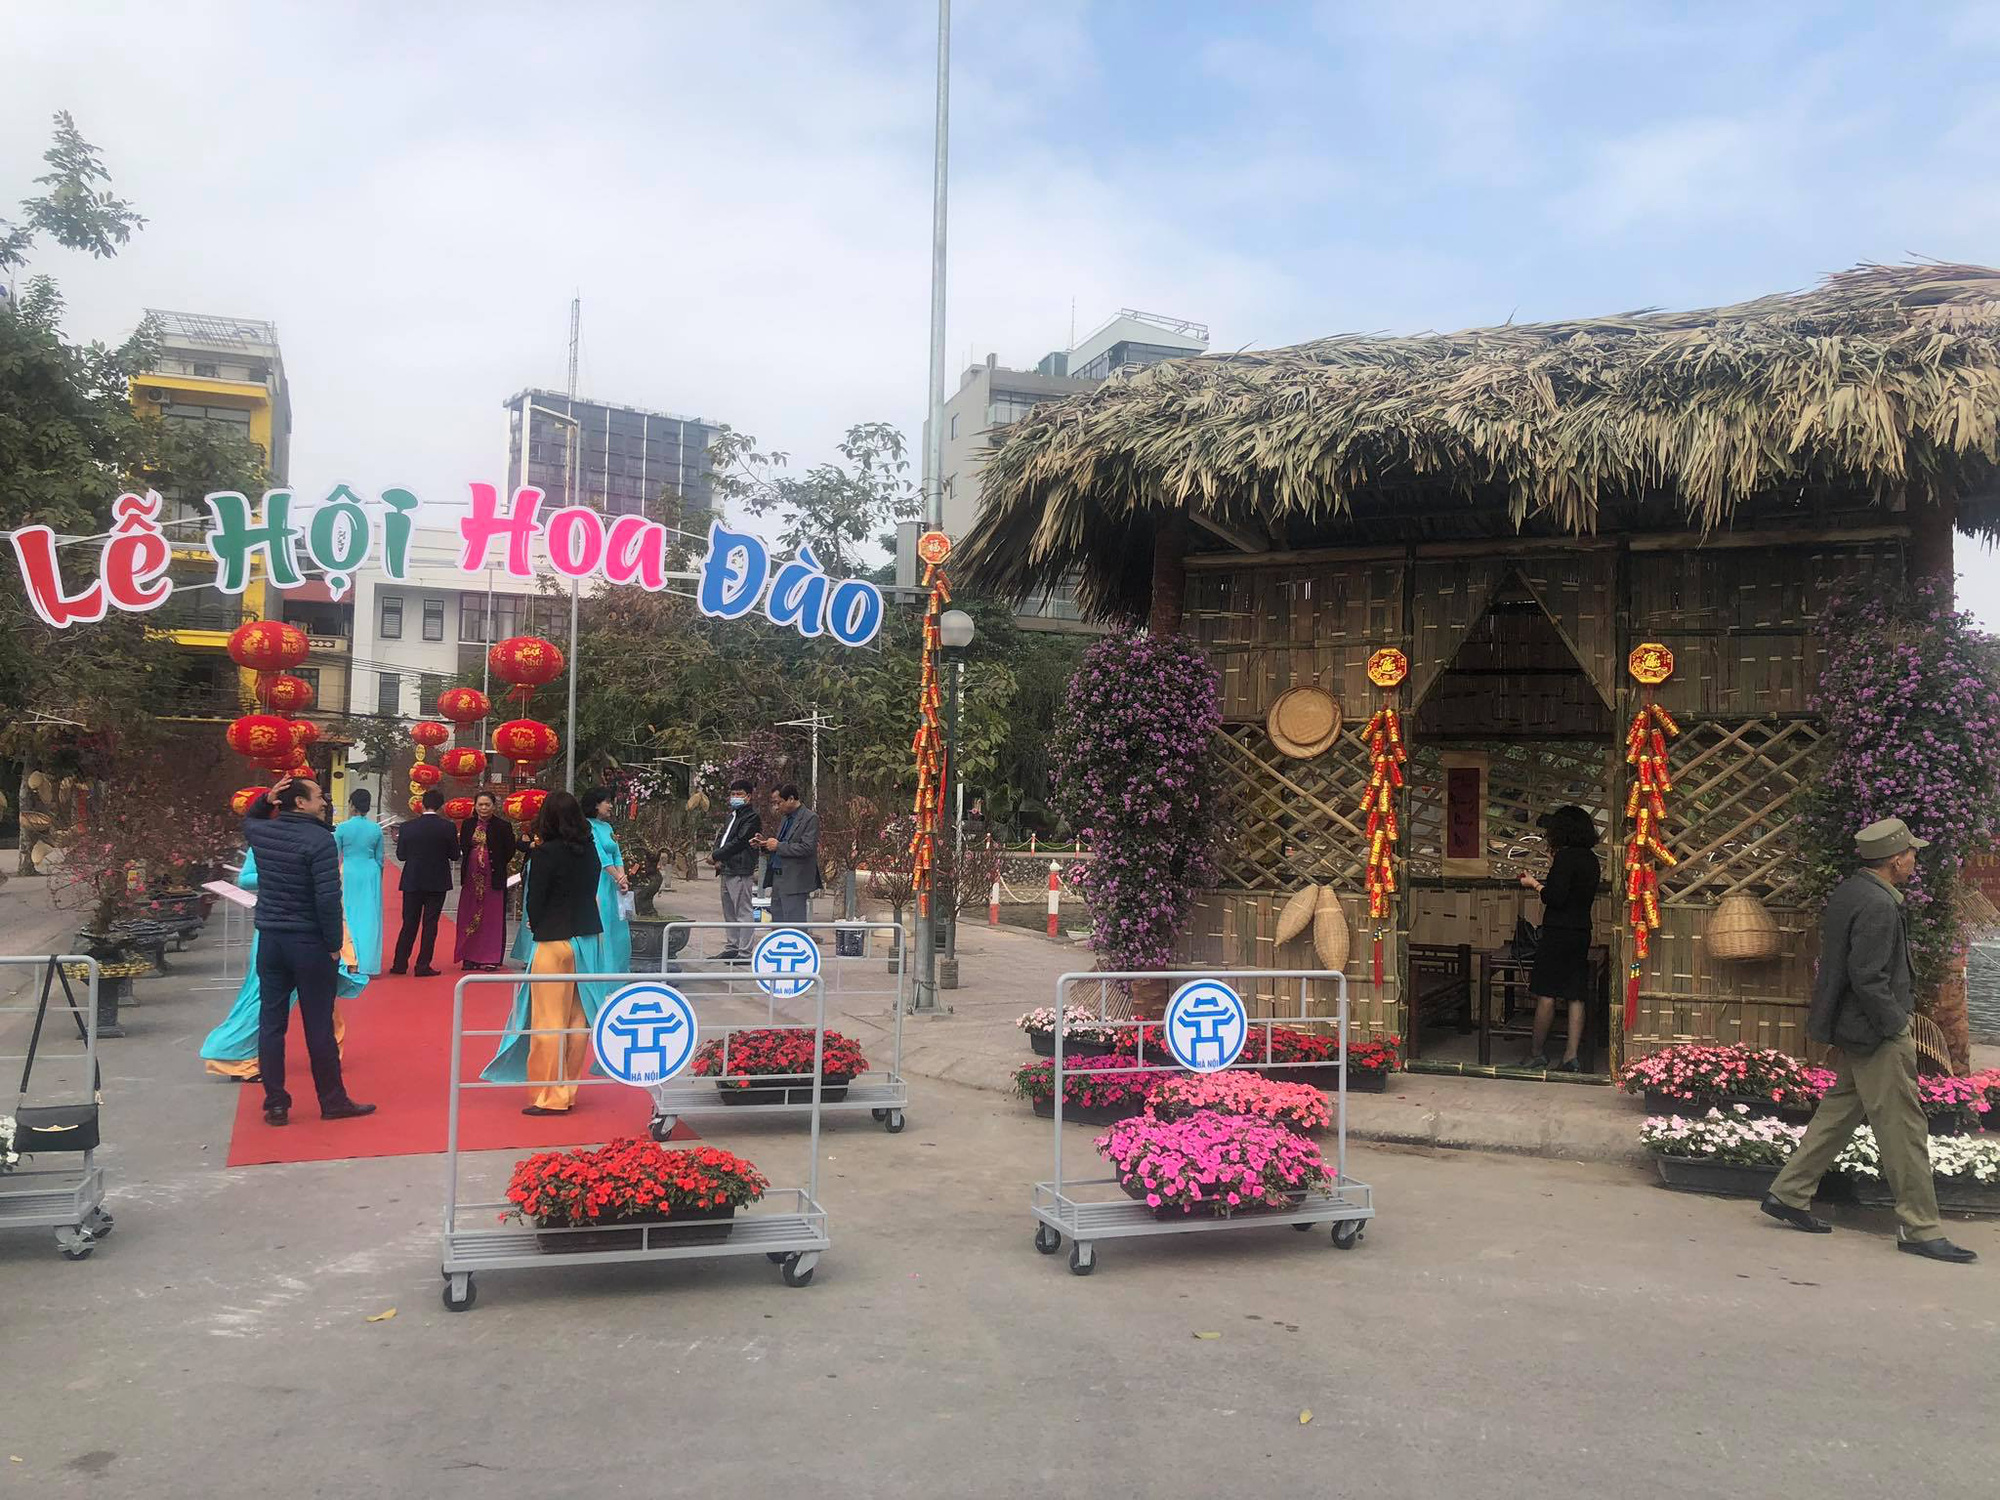 Trưng bày Đào độc, lạ trị giá 50 triệu đồng tại Lễ hội hoa đào Nhật Tân - Ảnh 1.